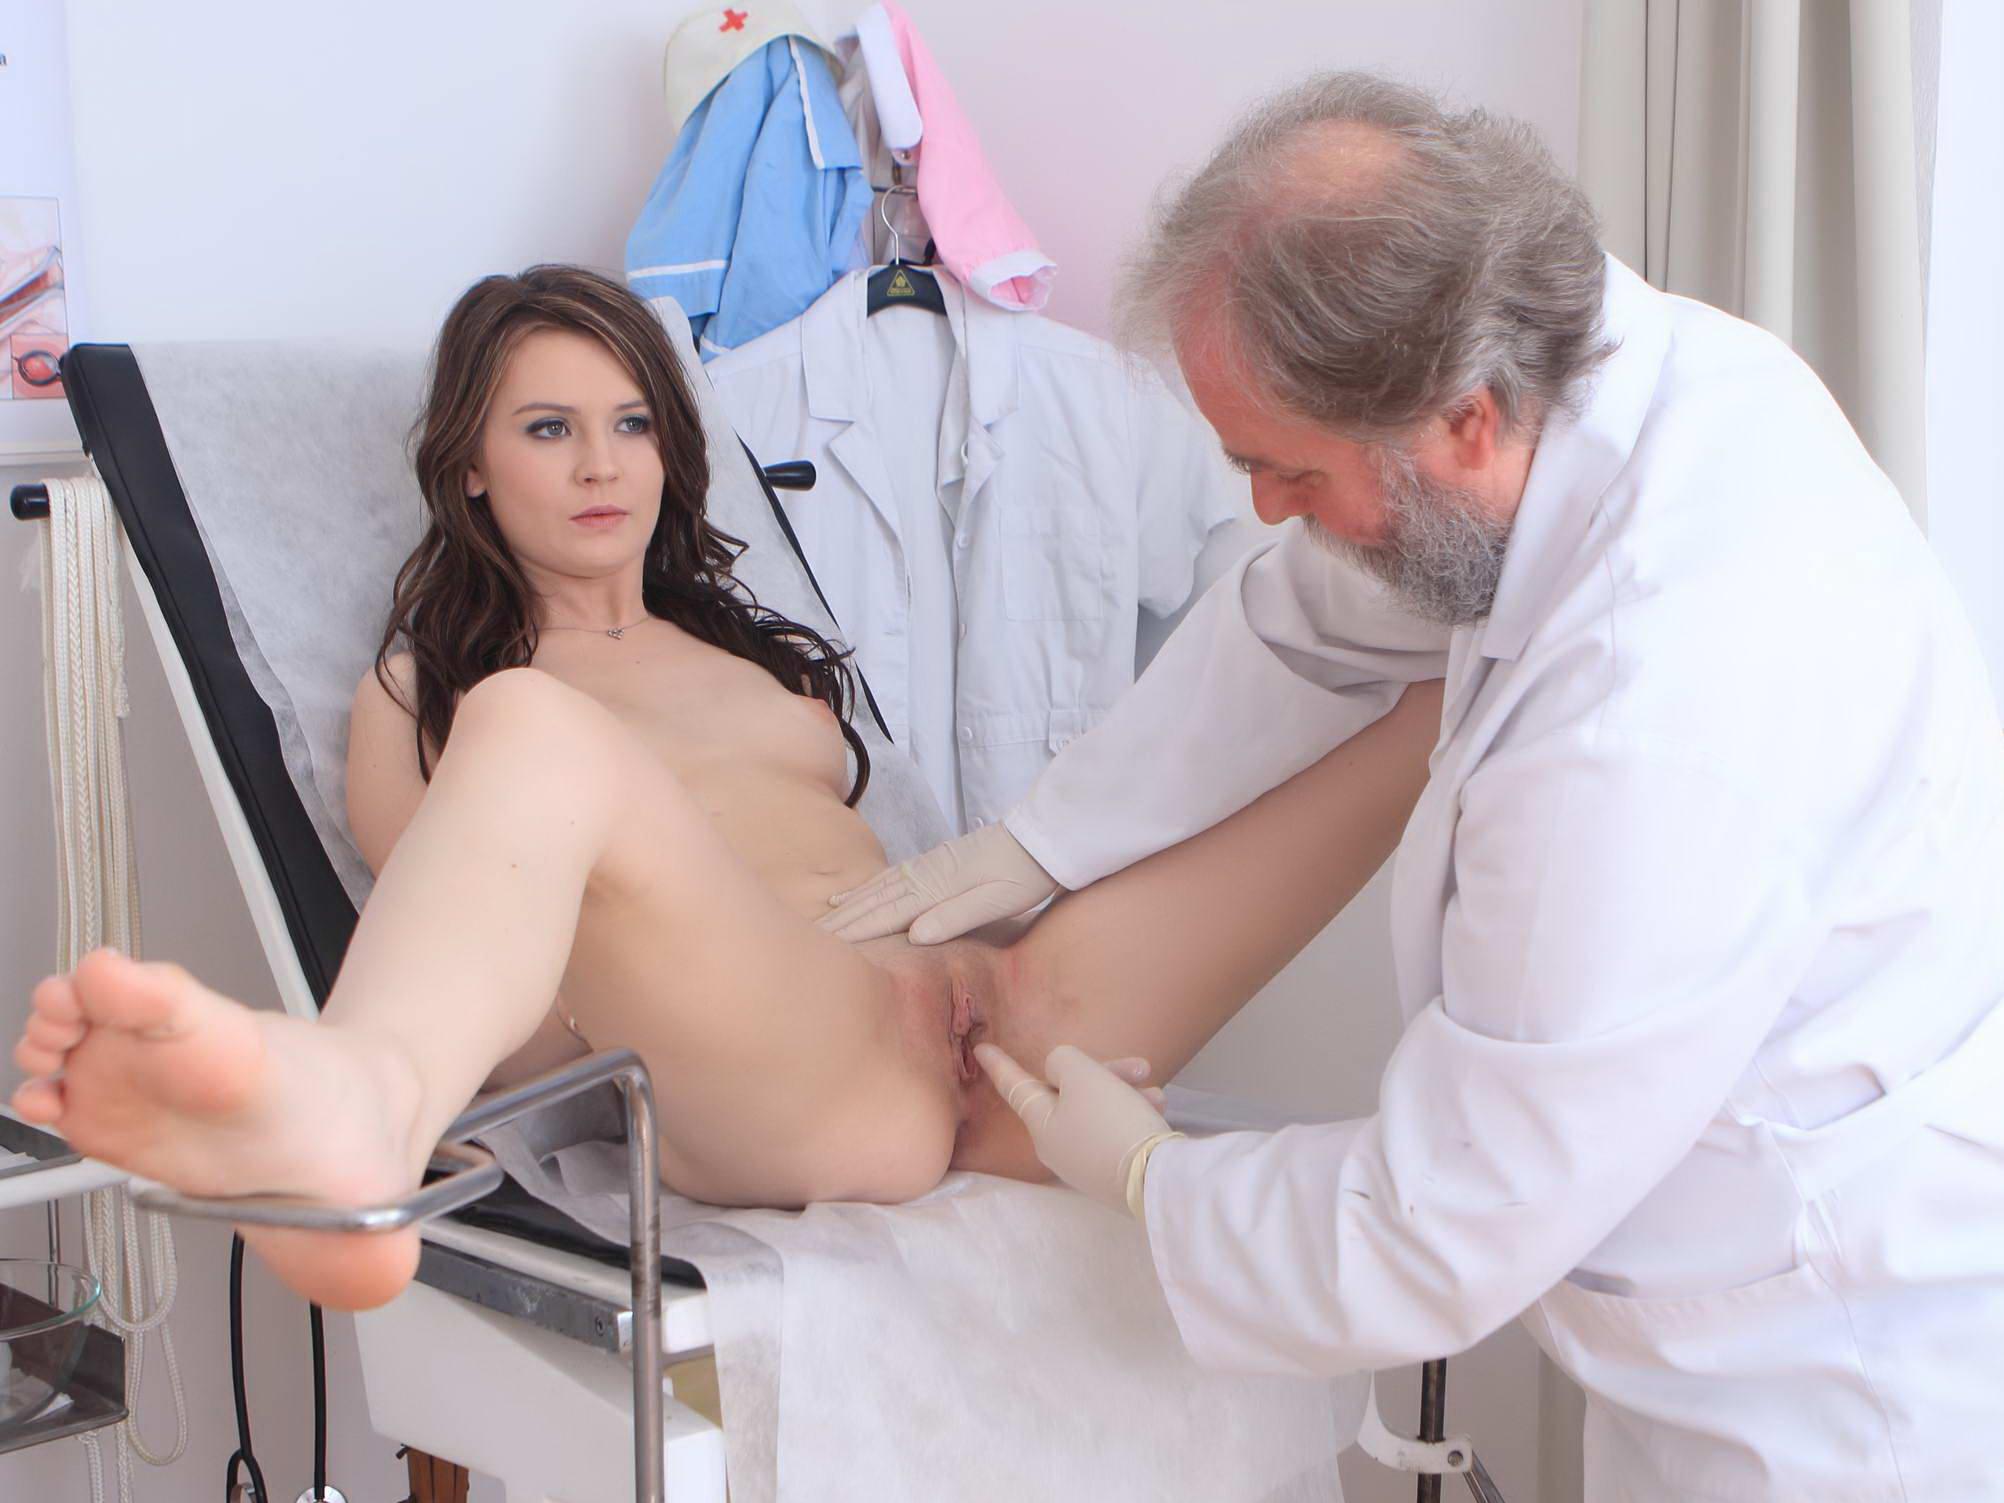 Онлайн бесплатное видео сек с гинекологом без регистрации фото 123-888